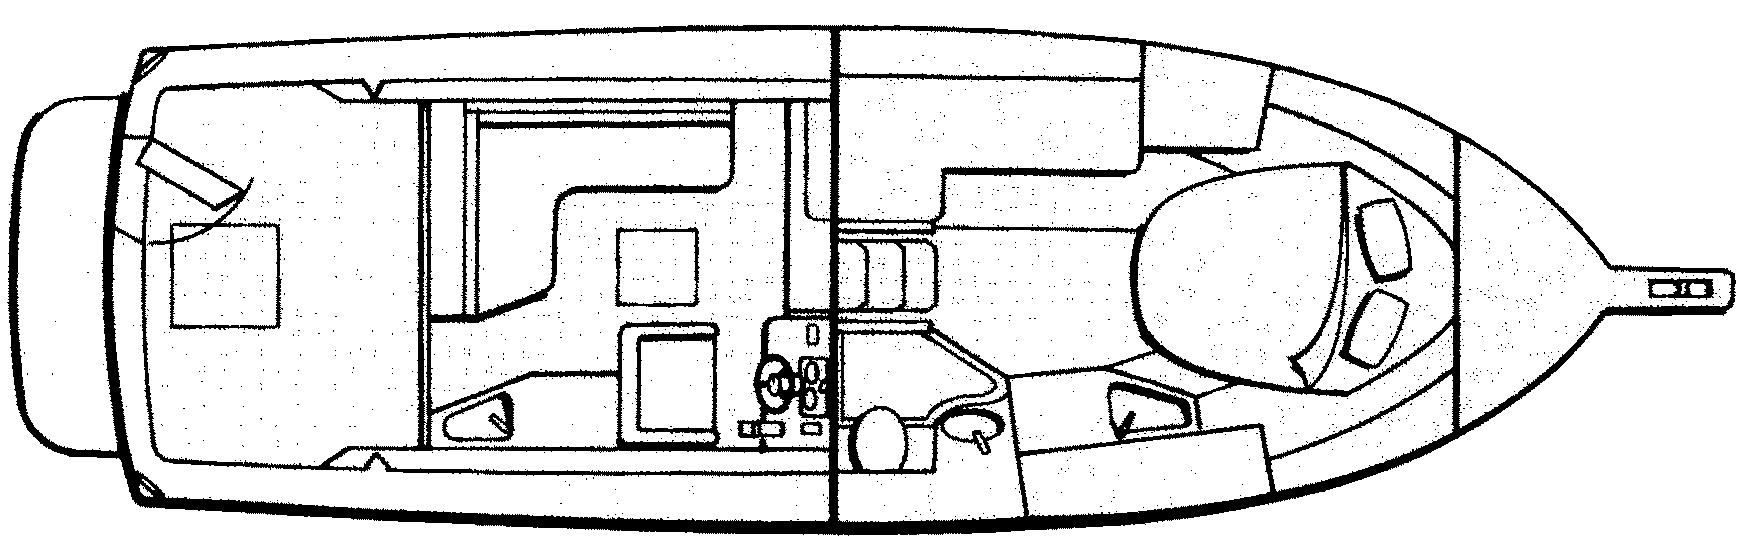 3000 Offshore Floor Plan 1